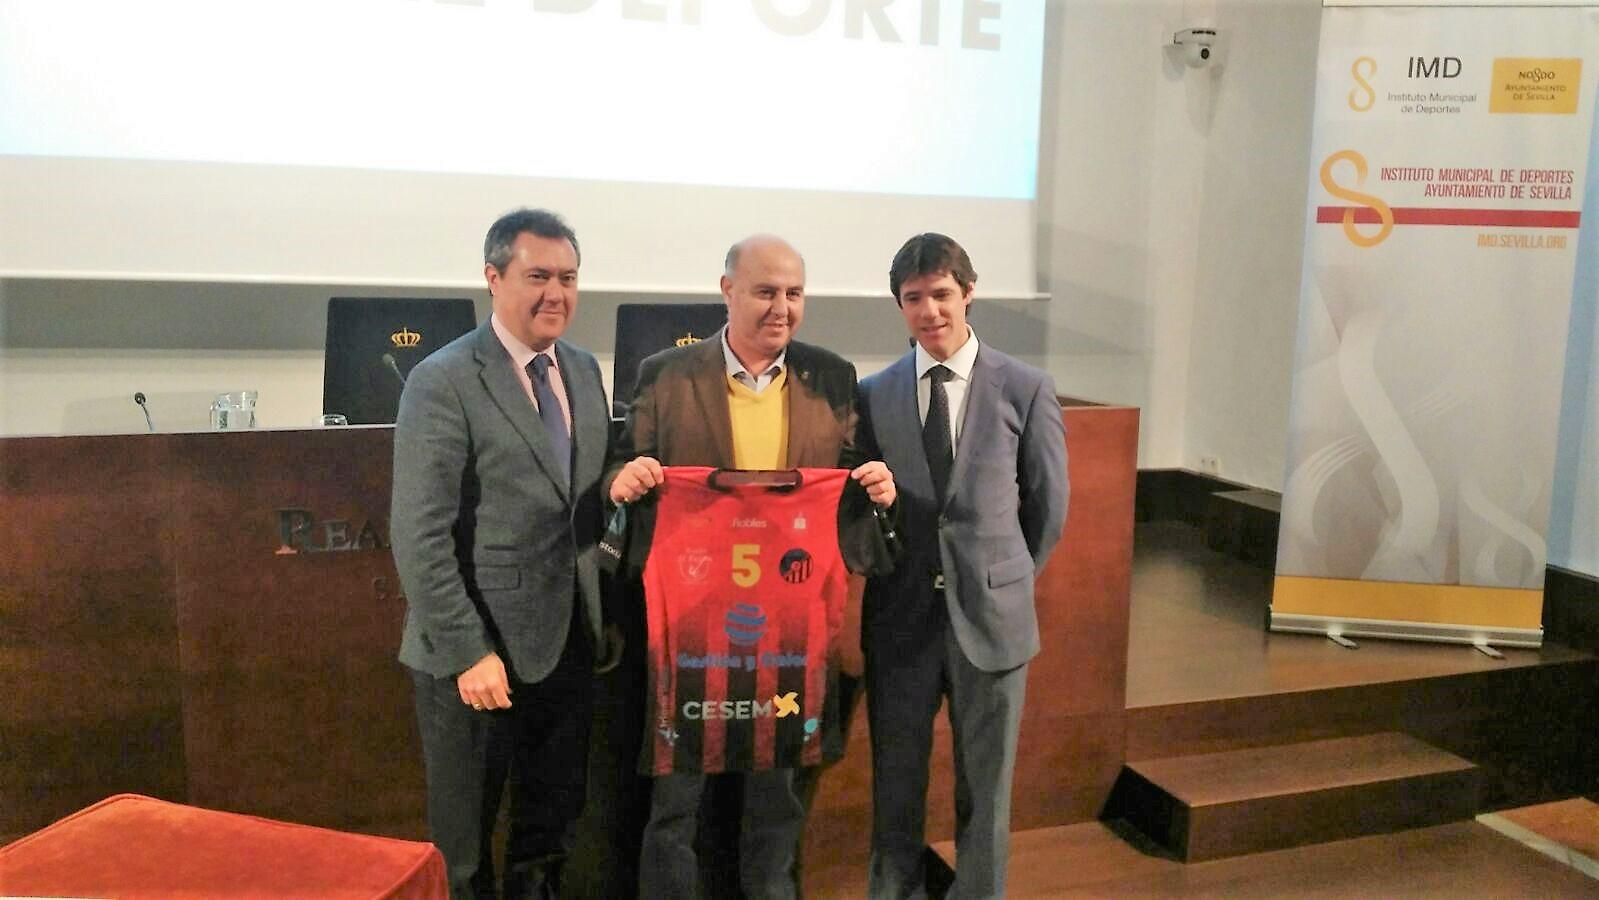 Balonmano Triana firma su adscripción al Programa de Alta Competición del IMD